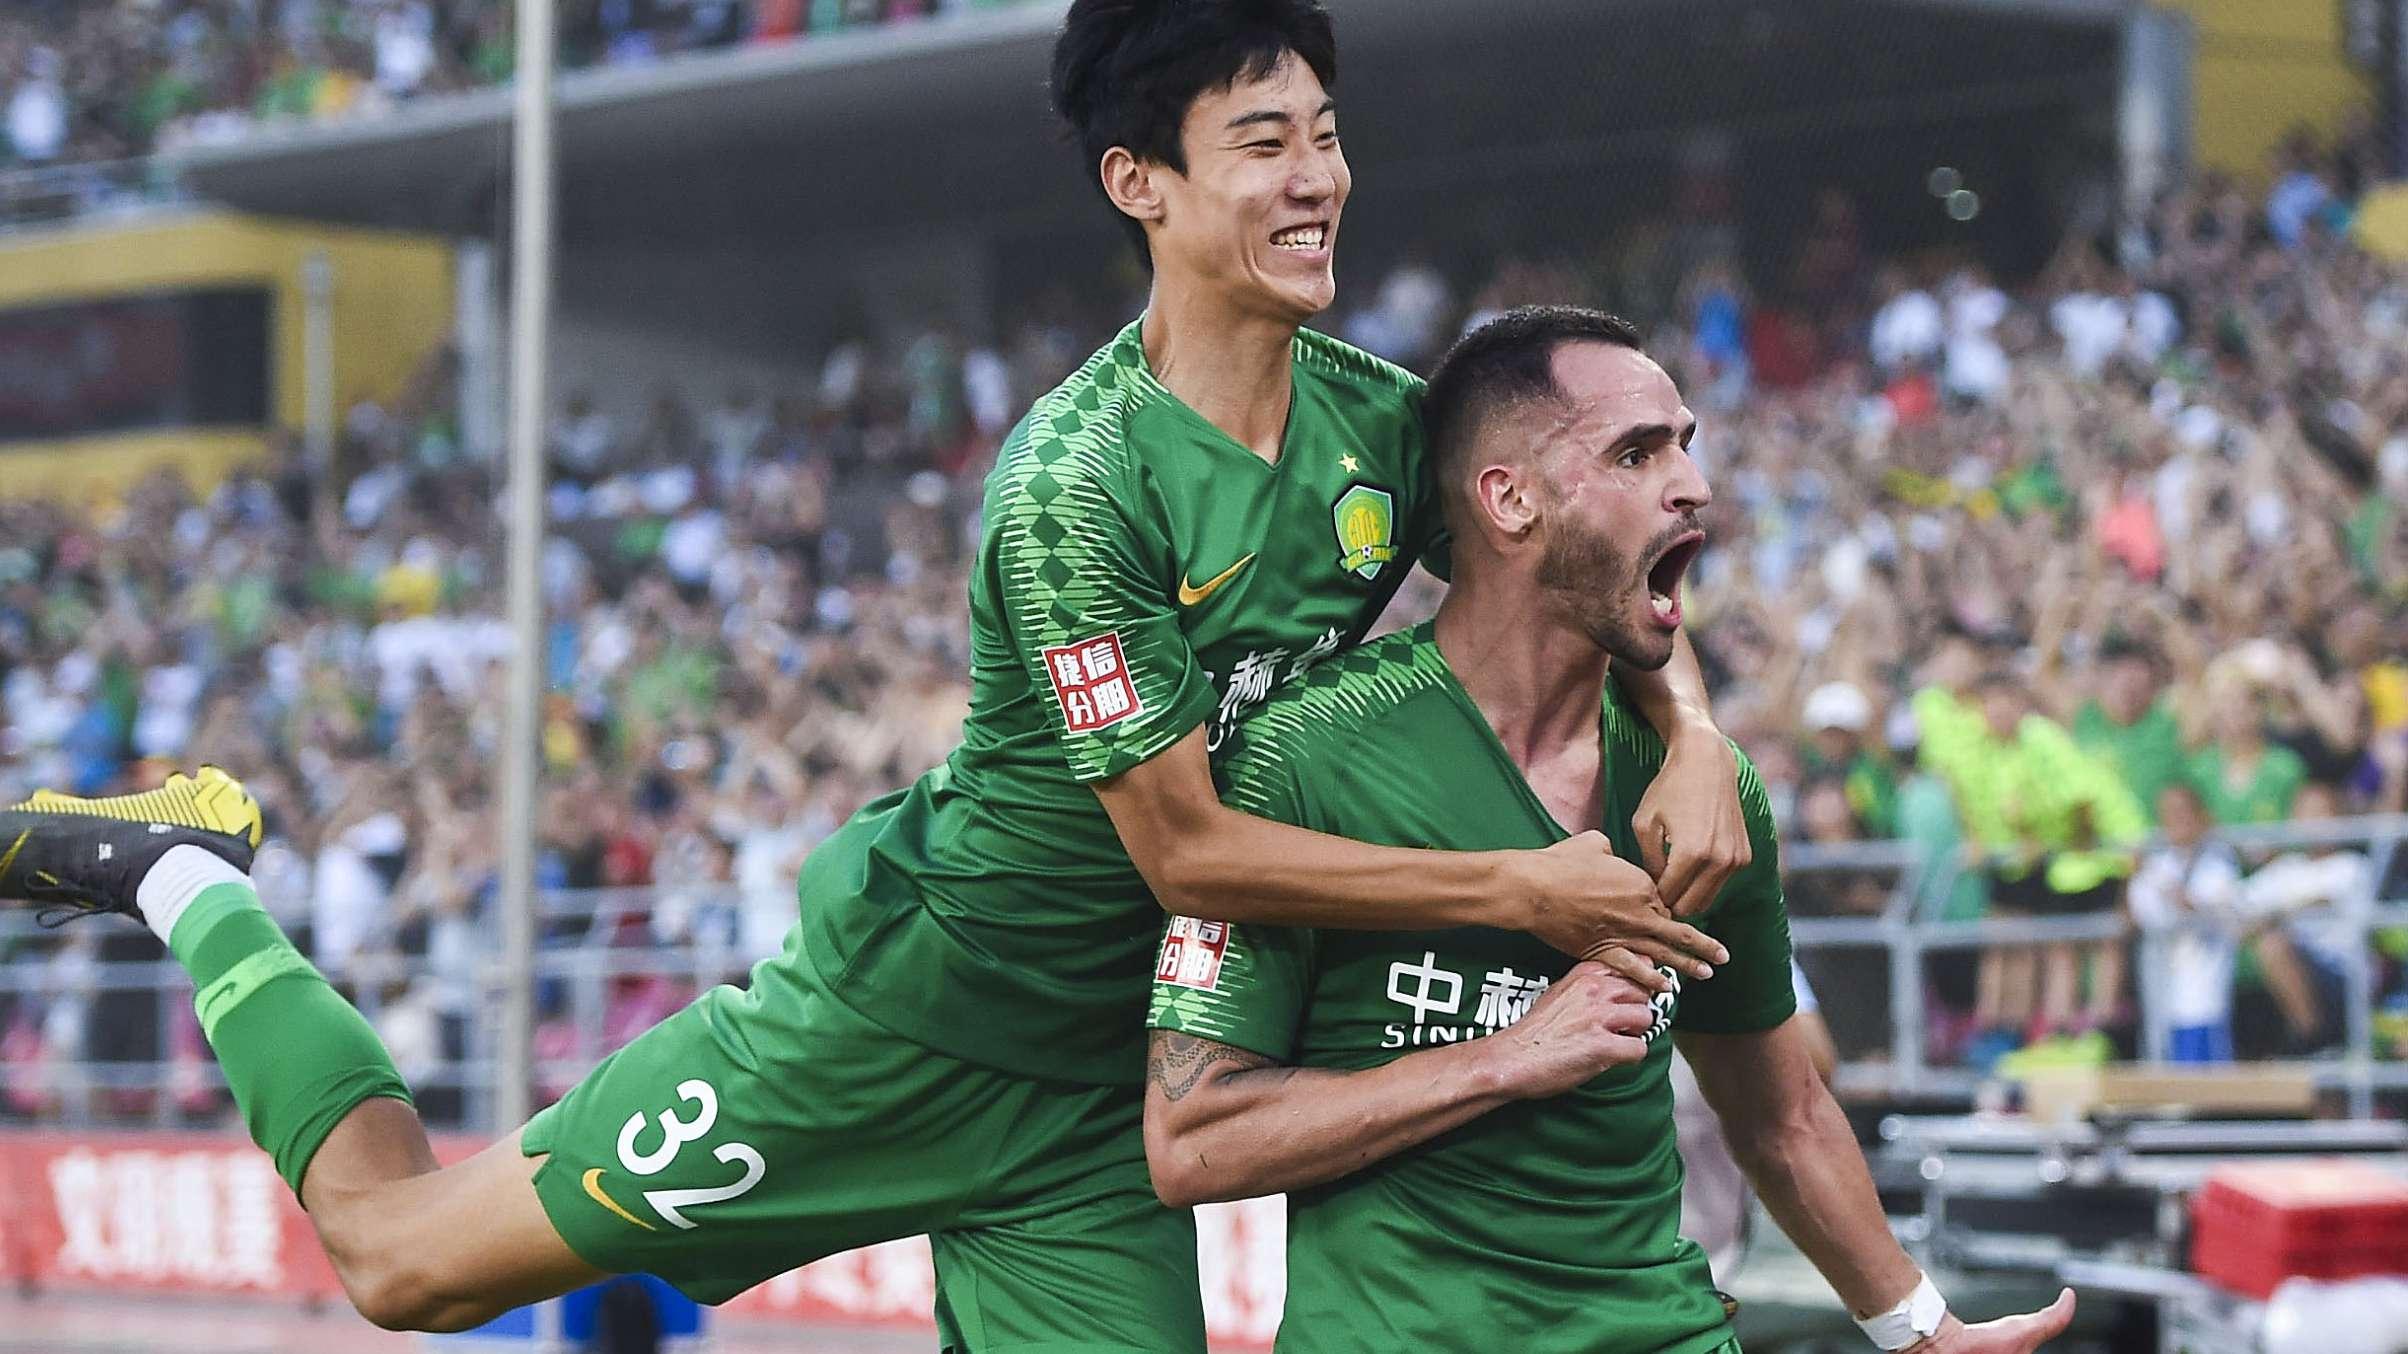 「中超B」赛事前瞻:北京国安vs重庆当代,北京国安重返胜轨